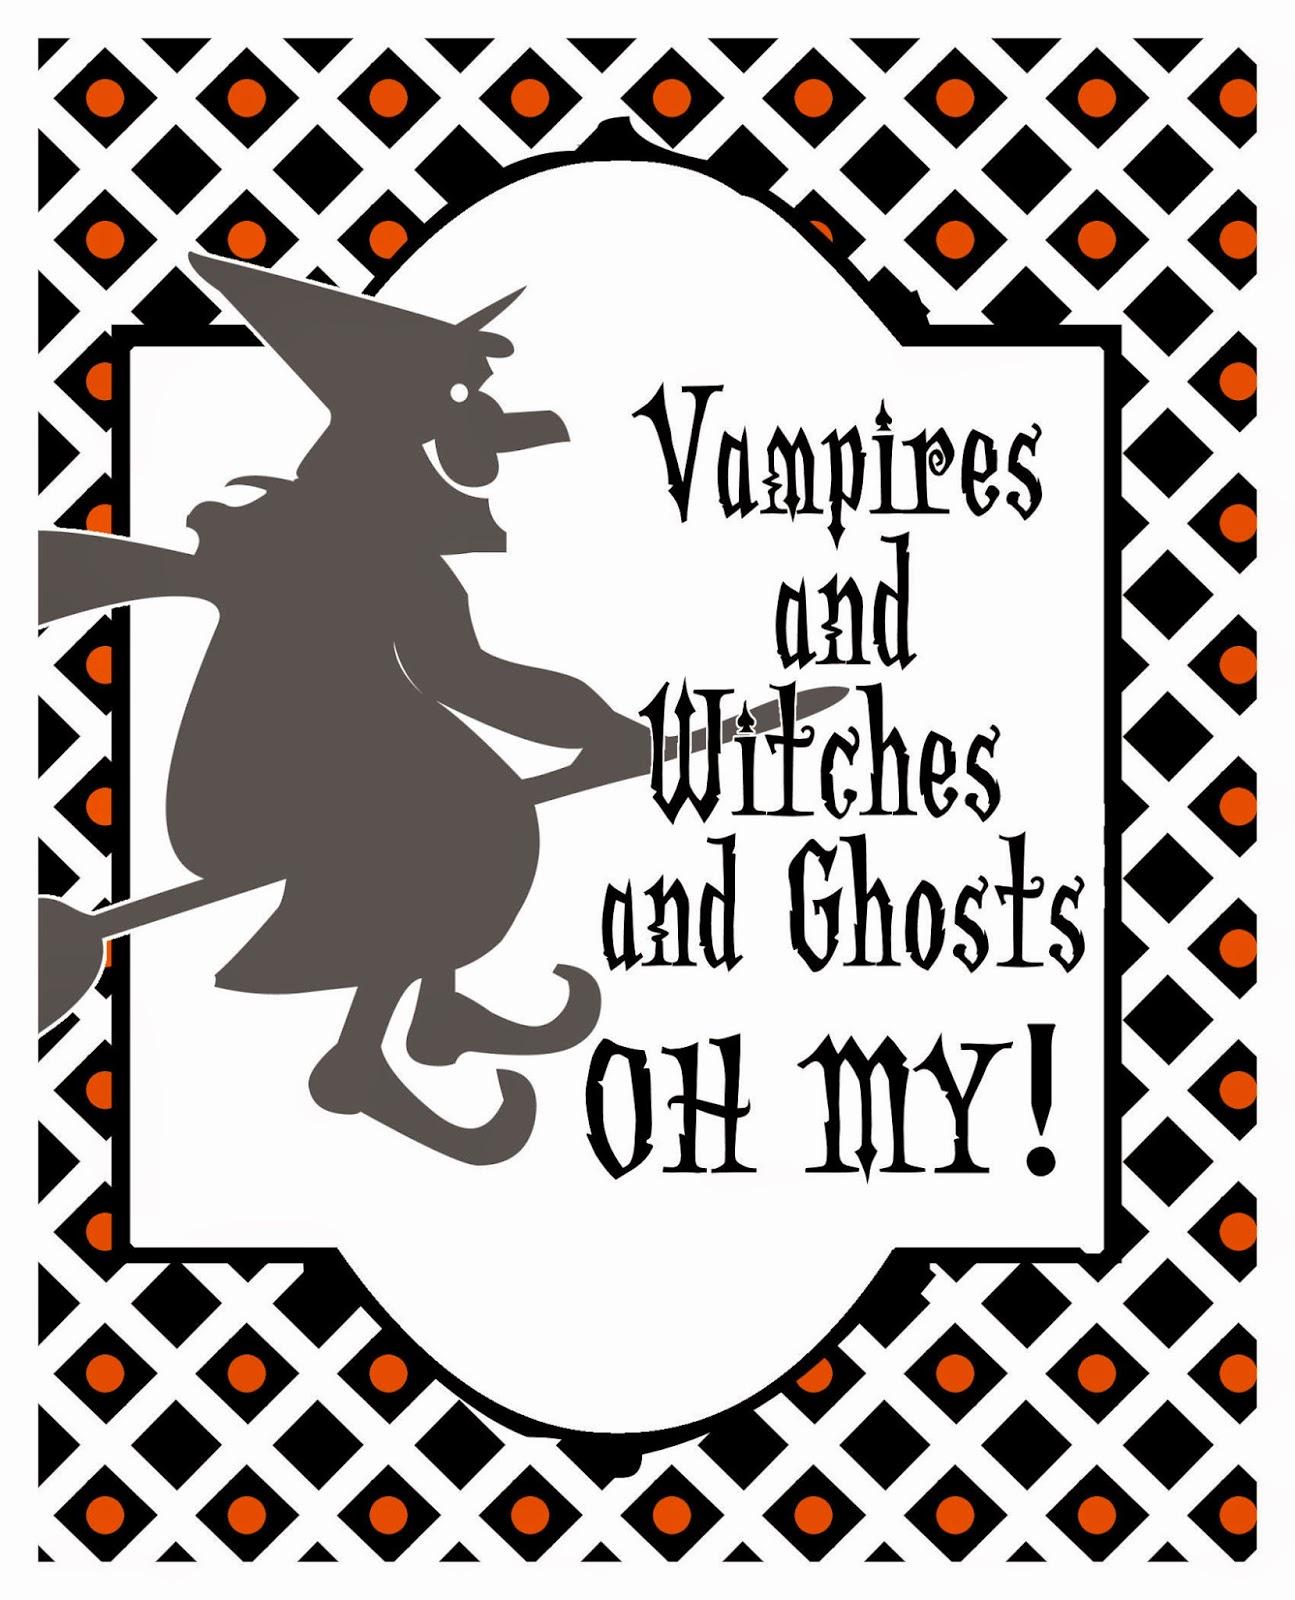 http://3.bp.blogspot.com/-o9ZiRATy0uA/VD_yuH0-u9I/AAAAAAAA5IY/7YCKf69RU4E/s1600/VampiresandWitchesOhMyPrintable_TlcCreations.jpg